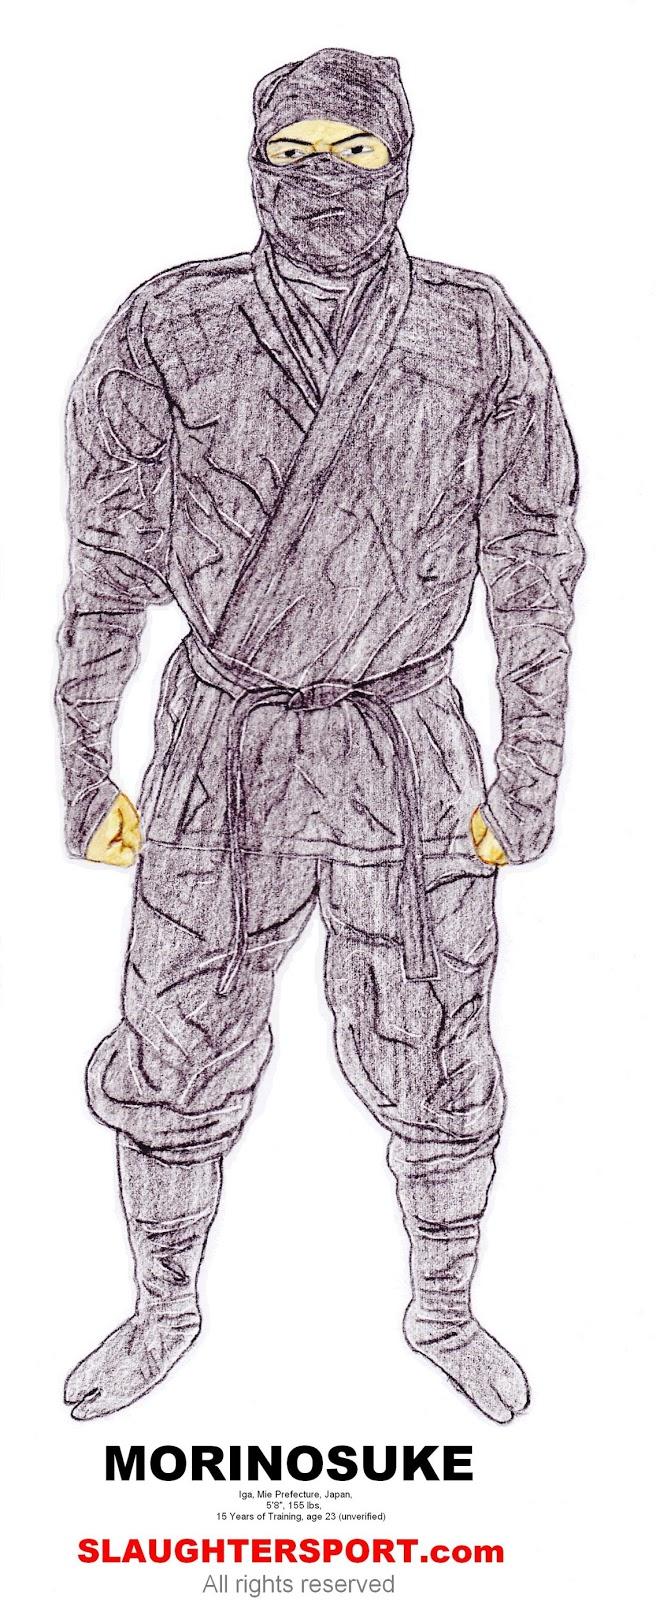 Morinosuke ninja  SLAUGHTERSPORT.COM